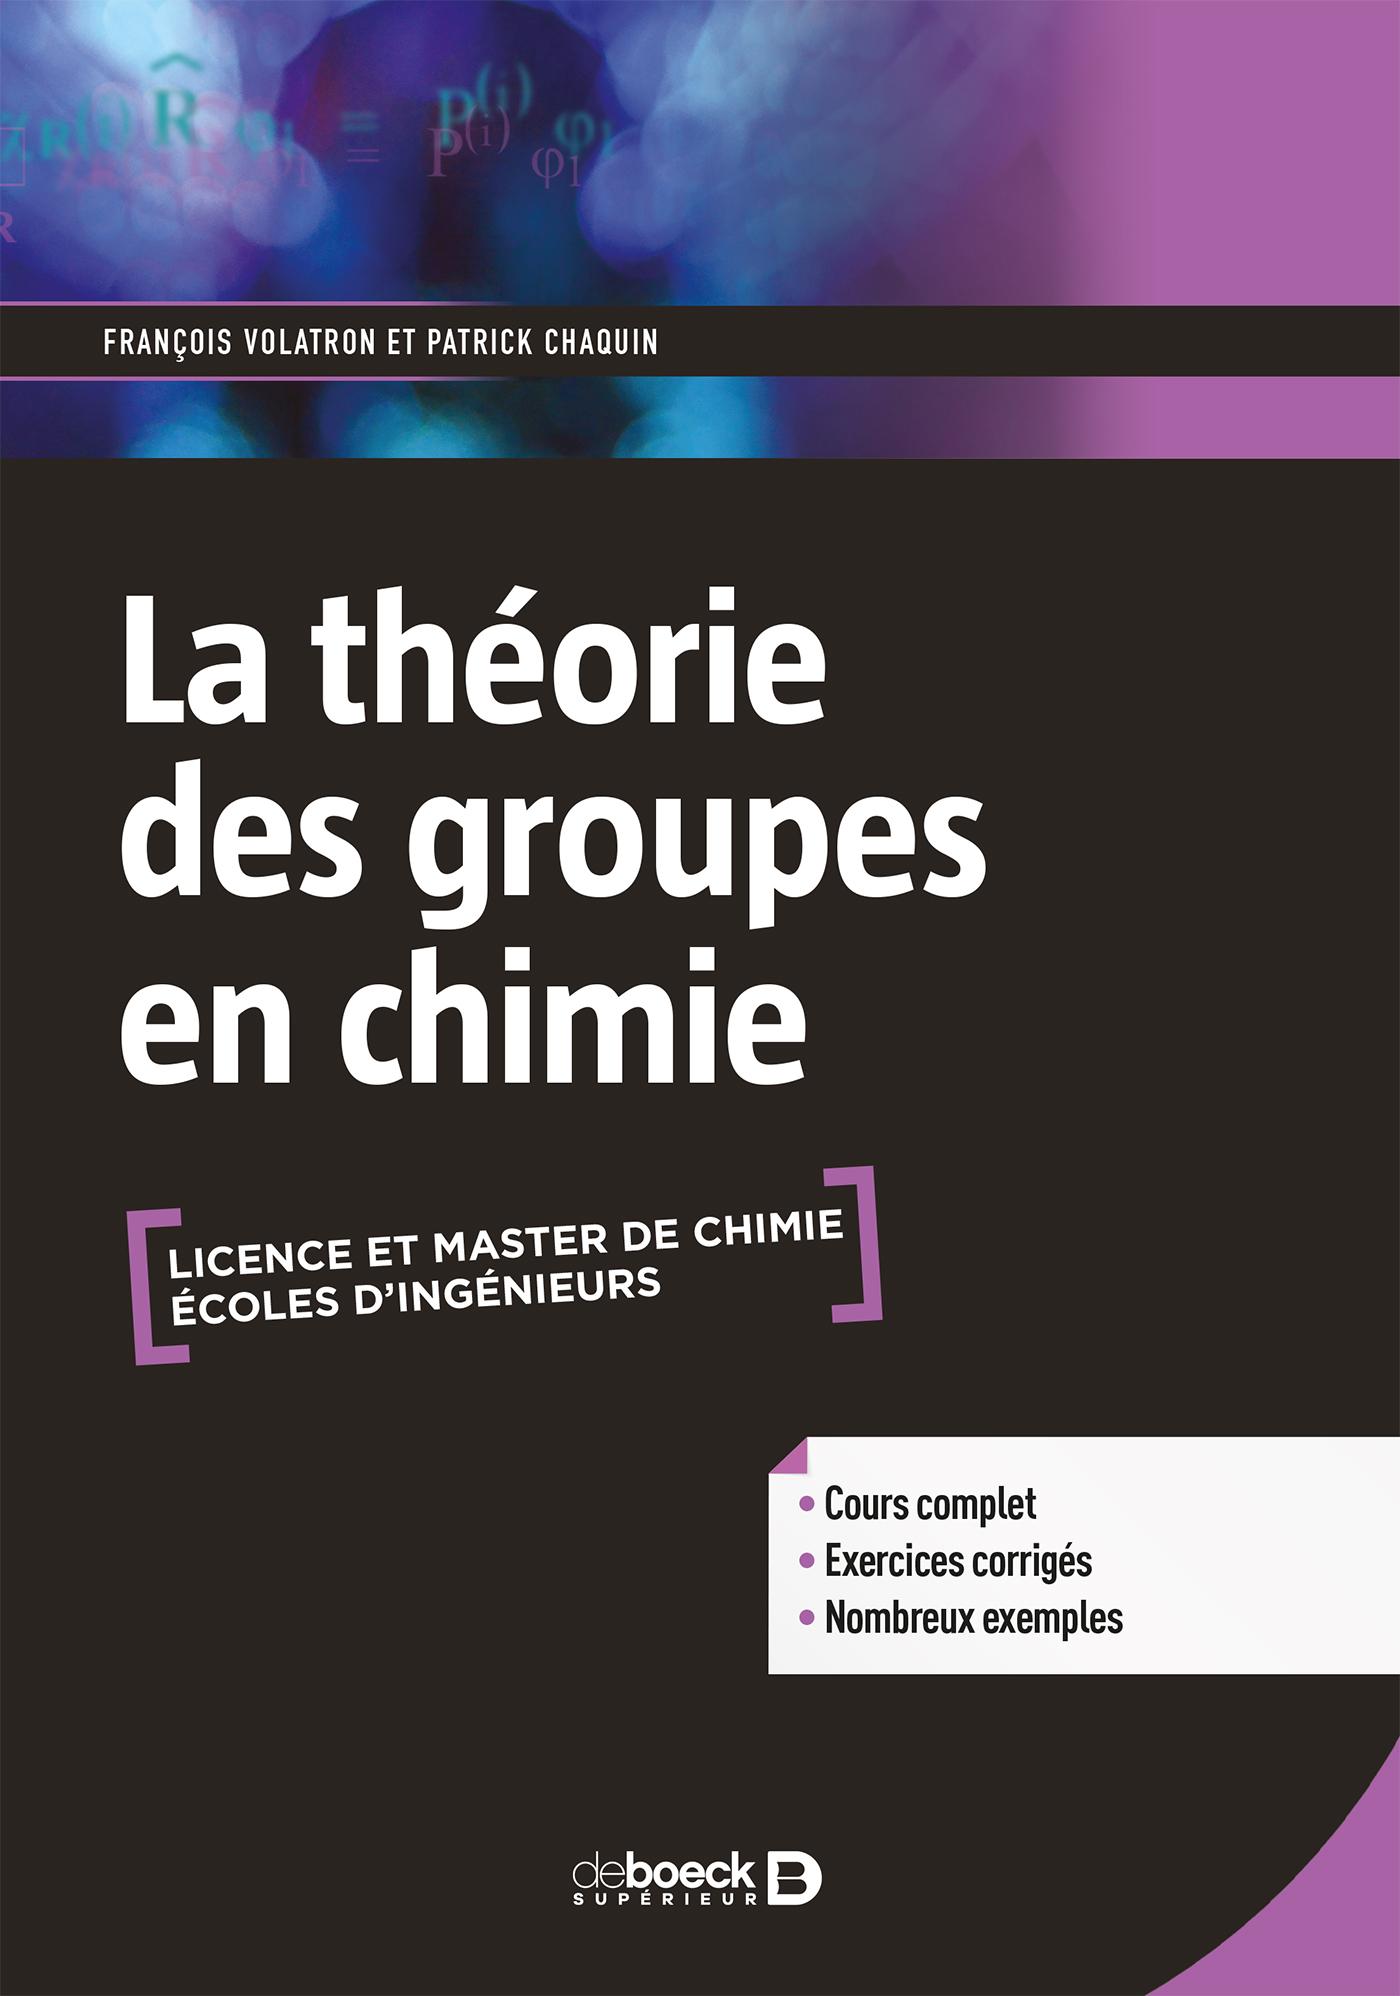 THEORIE DES GROUPES EN CHIMIE (LA)